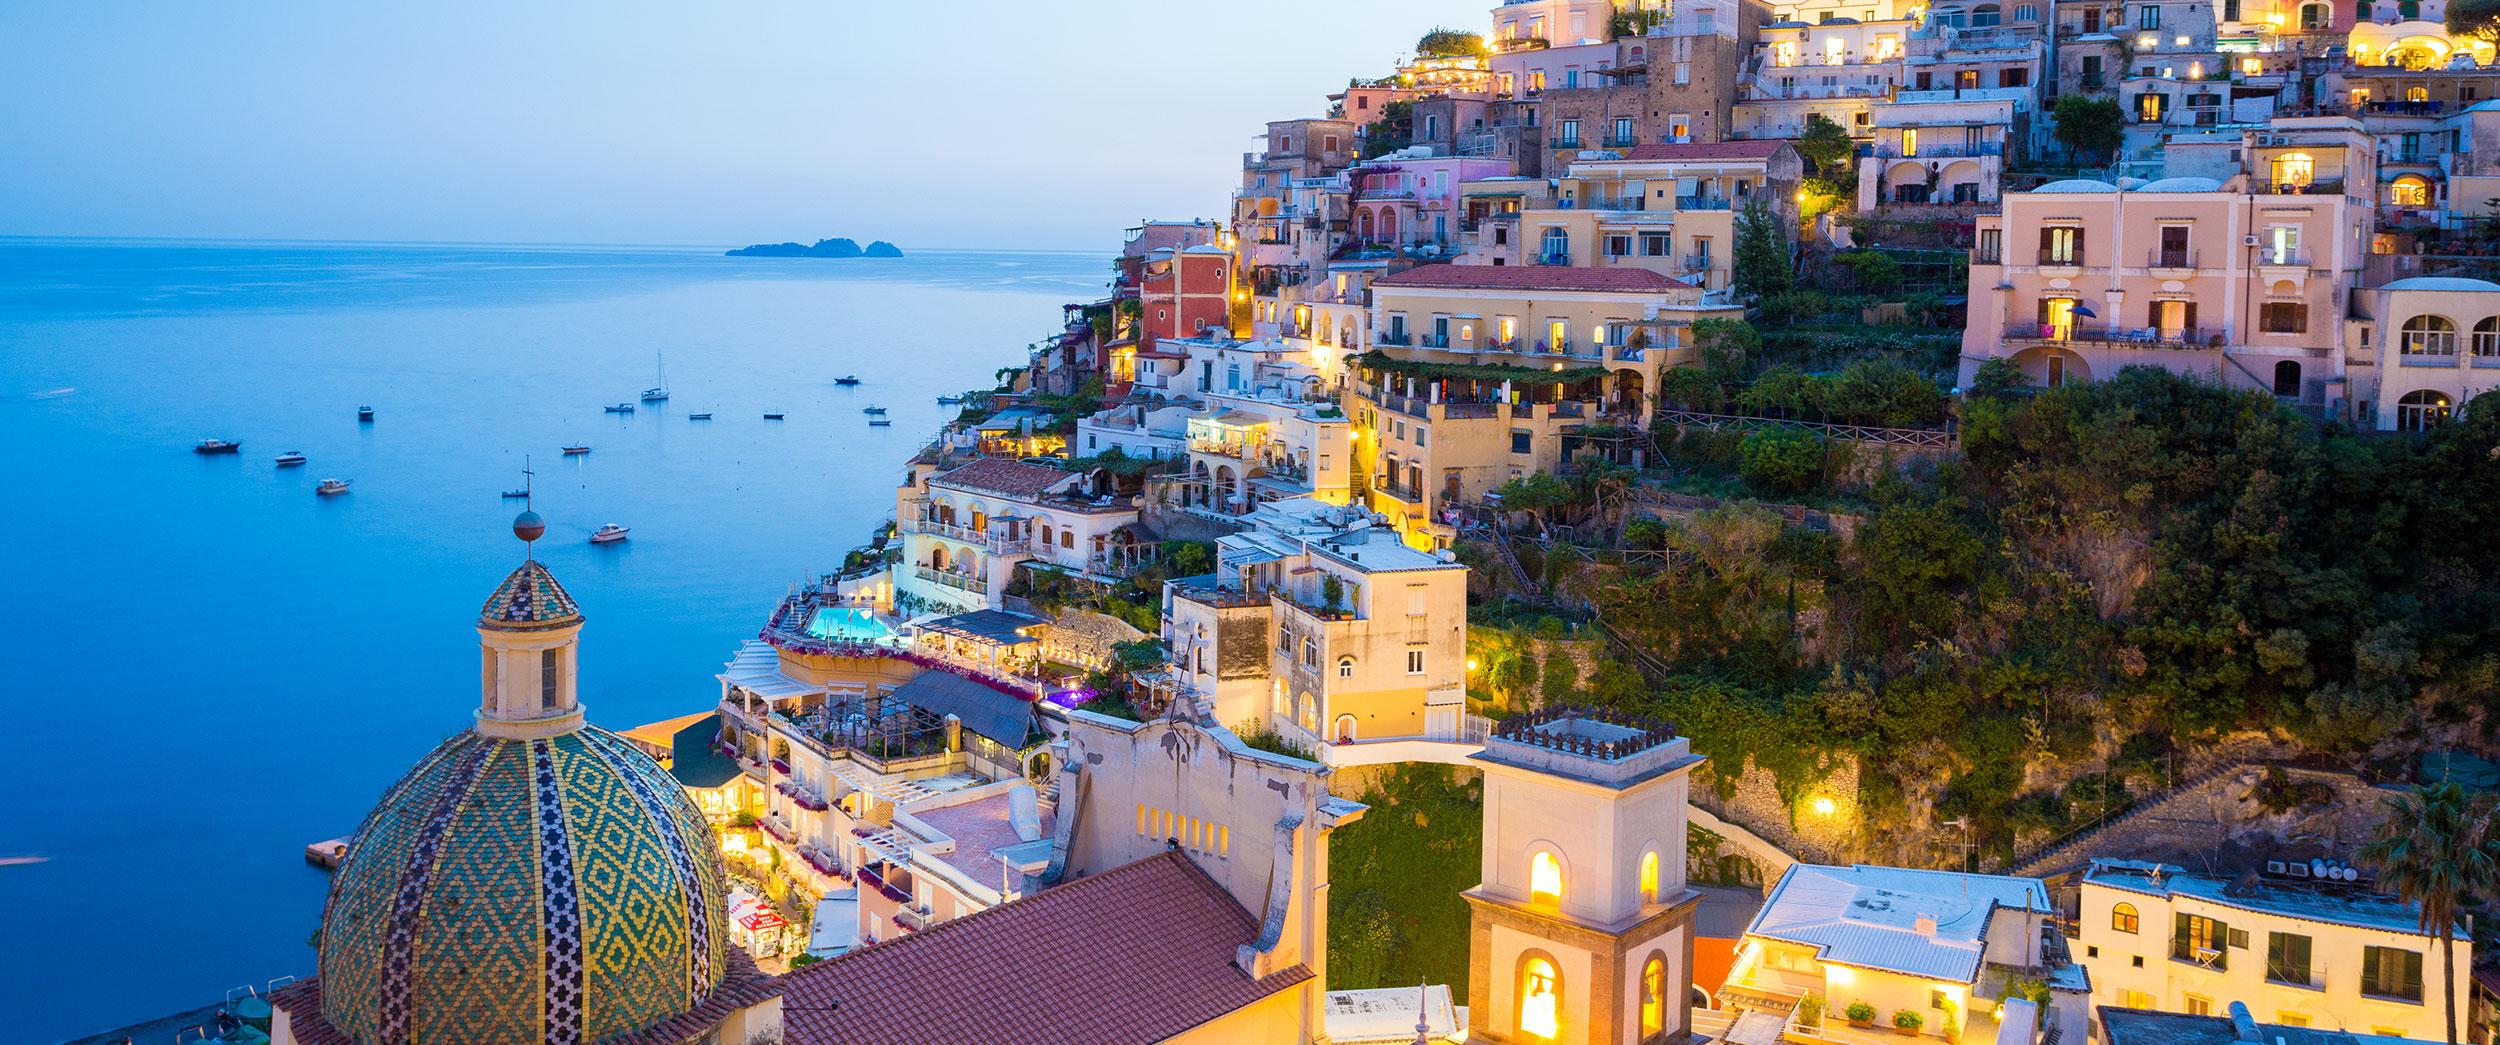 City Highlight: Naples - Italy, Naples, Amalfi Coast